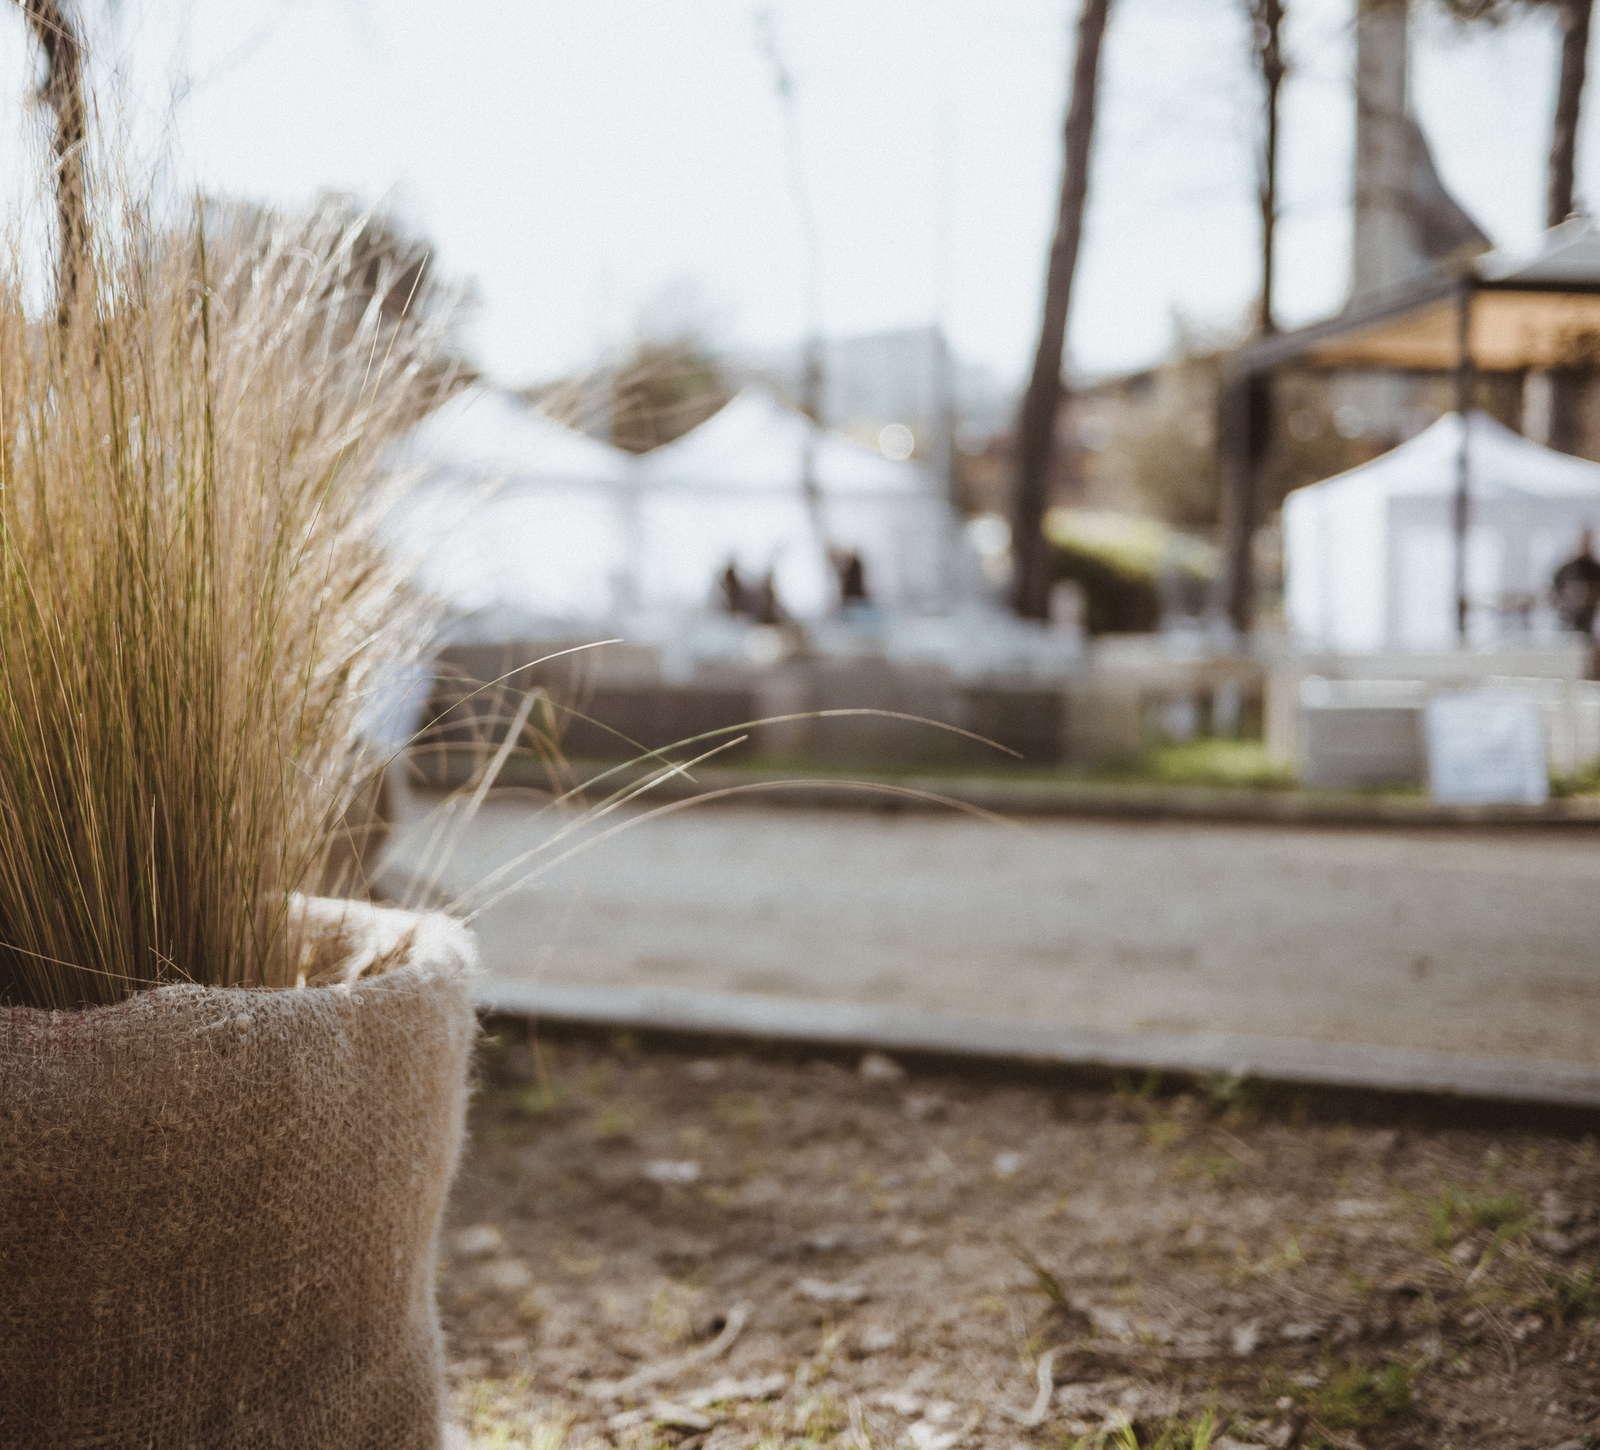 pampasgras einpflanzen im topf pflanzen experten tipps plantura. Black Bedroom Furniture Sets. Home Design Ideas